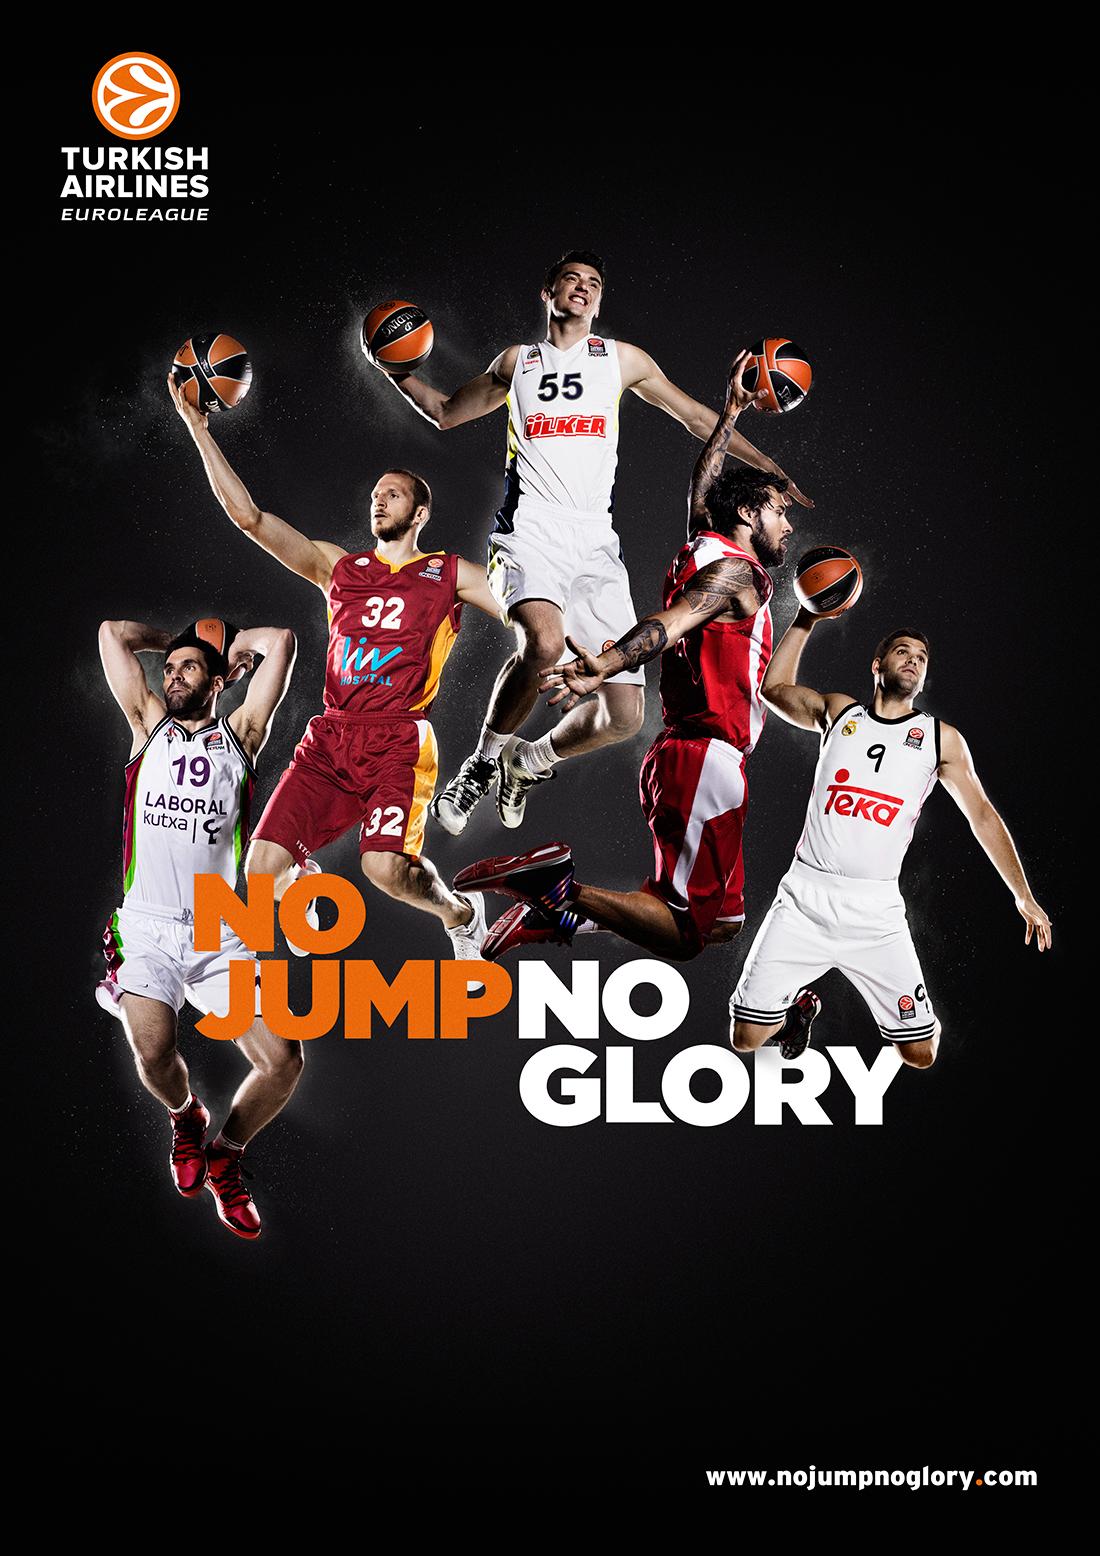 No Jump No Glory. La Euroliga a punto de arrancar.